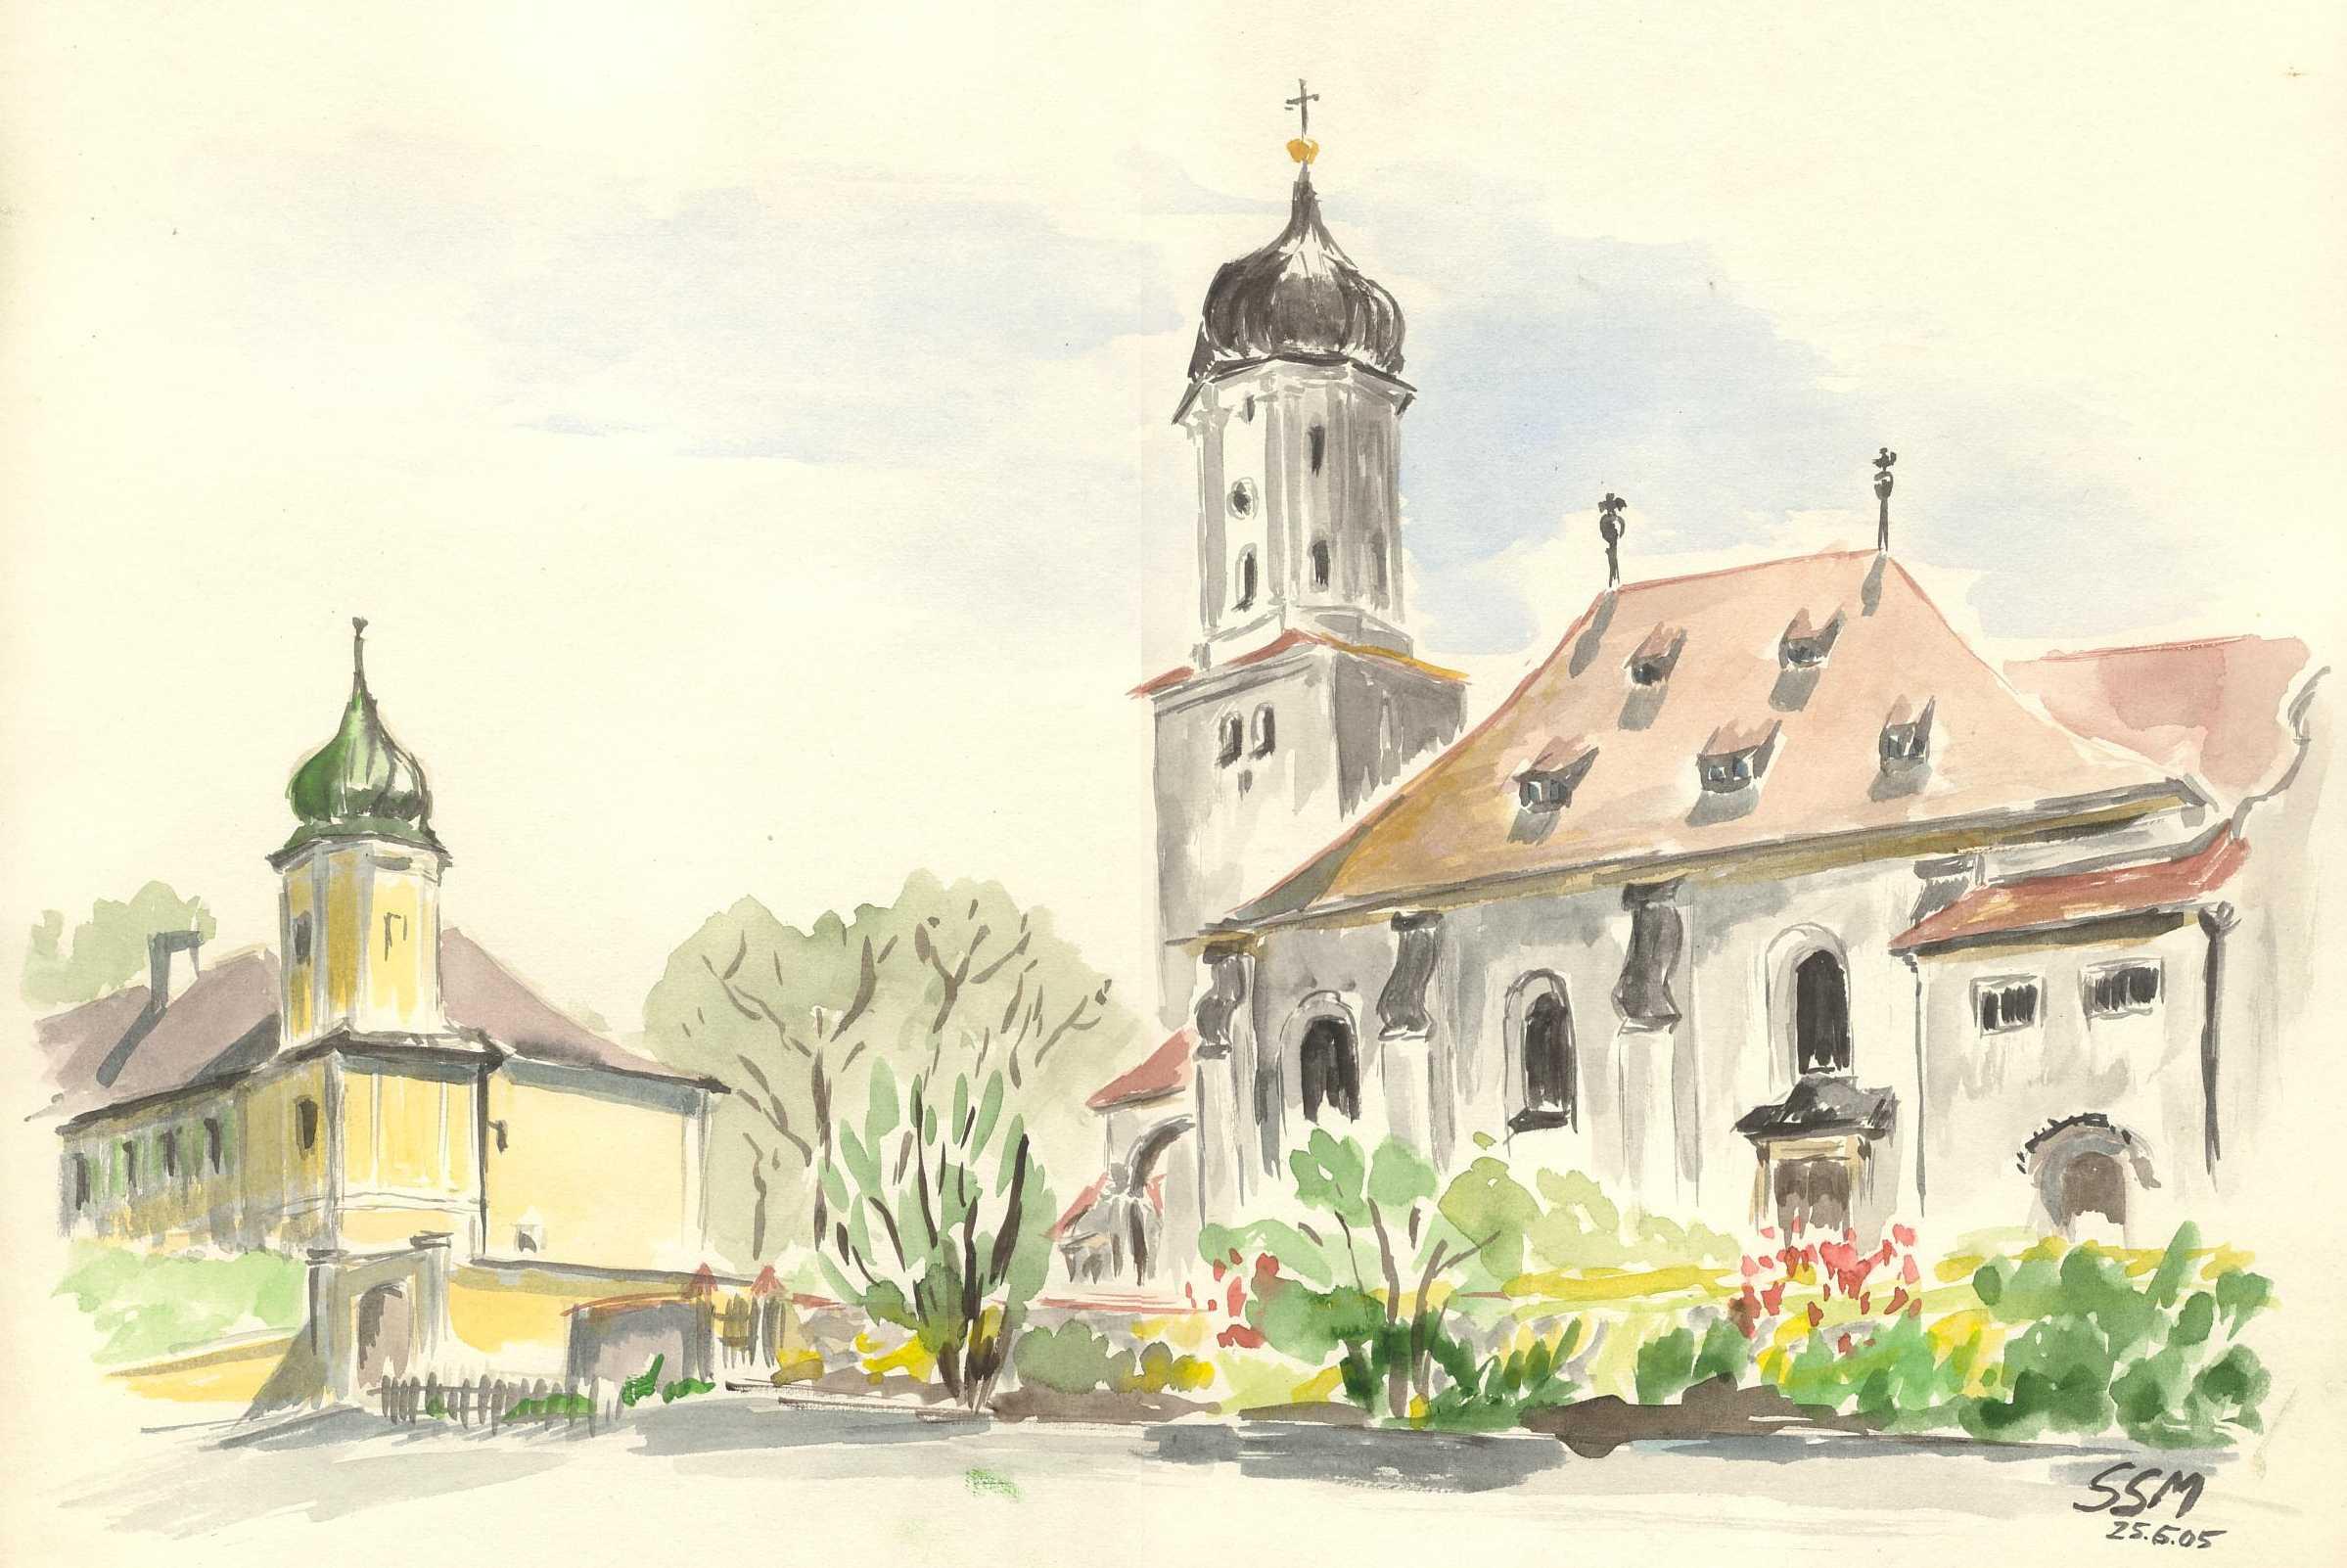 Datei:Stepperg, Schloss und Kirche. Aquarell.jpg – Wikipedia